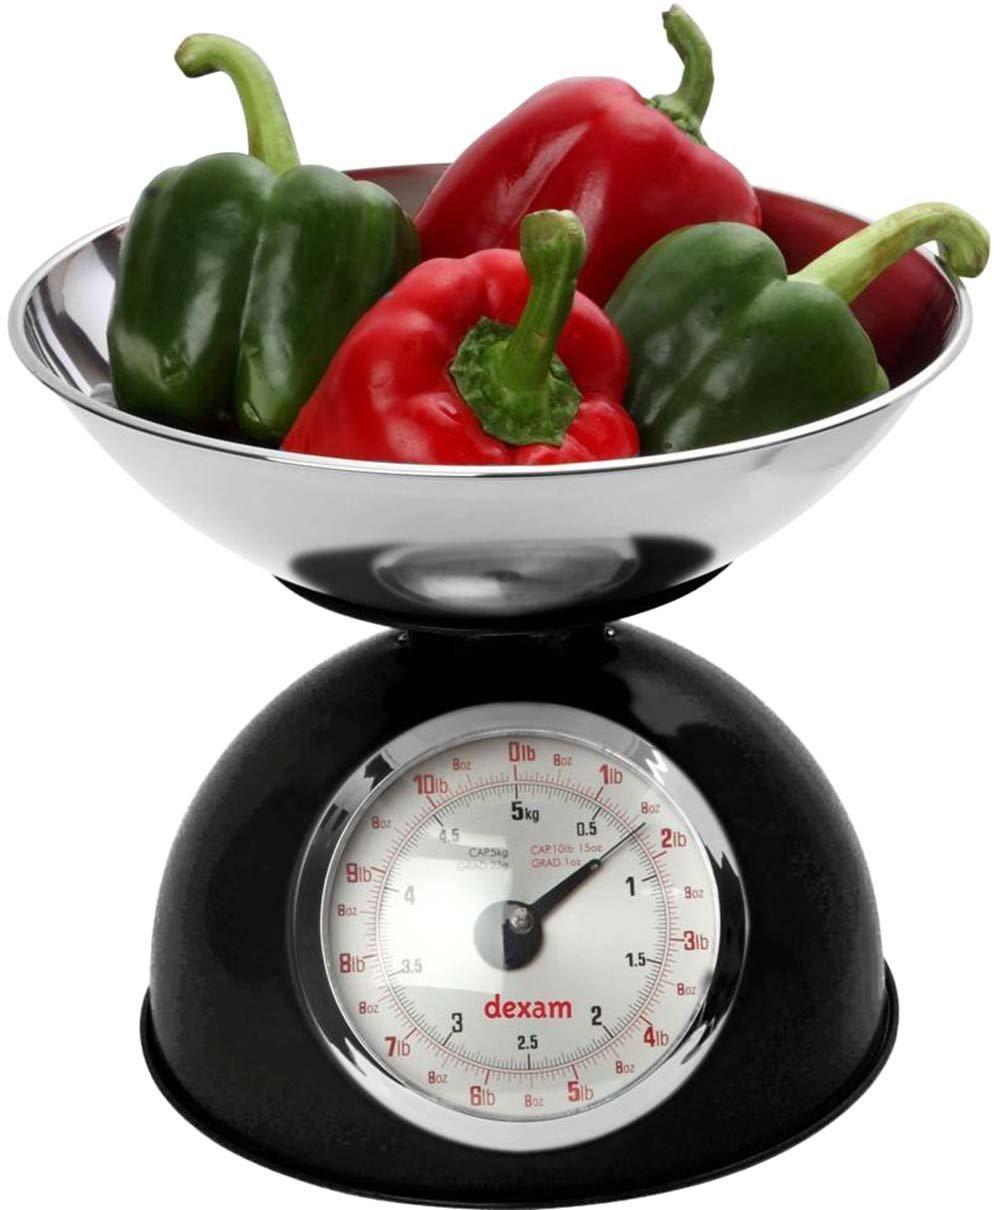 Retro Kitchen Scale Black Dexam 17848101